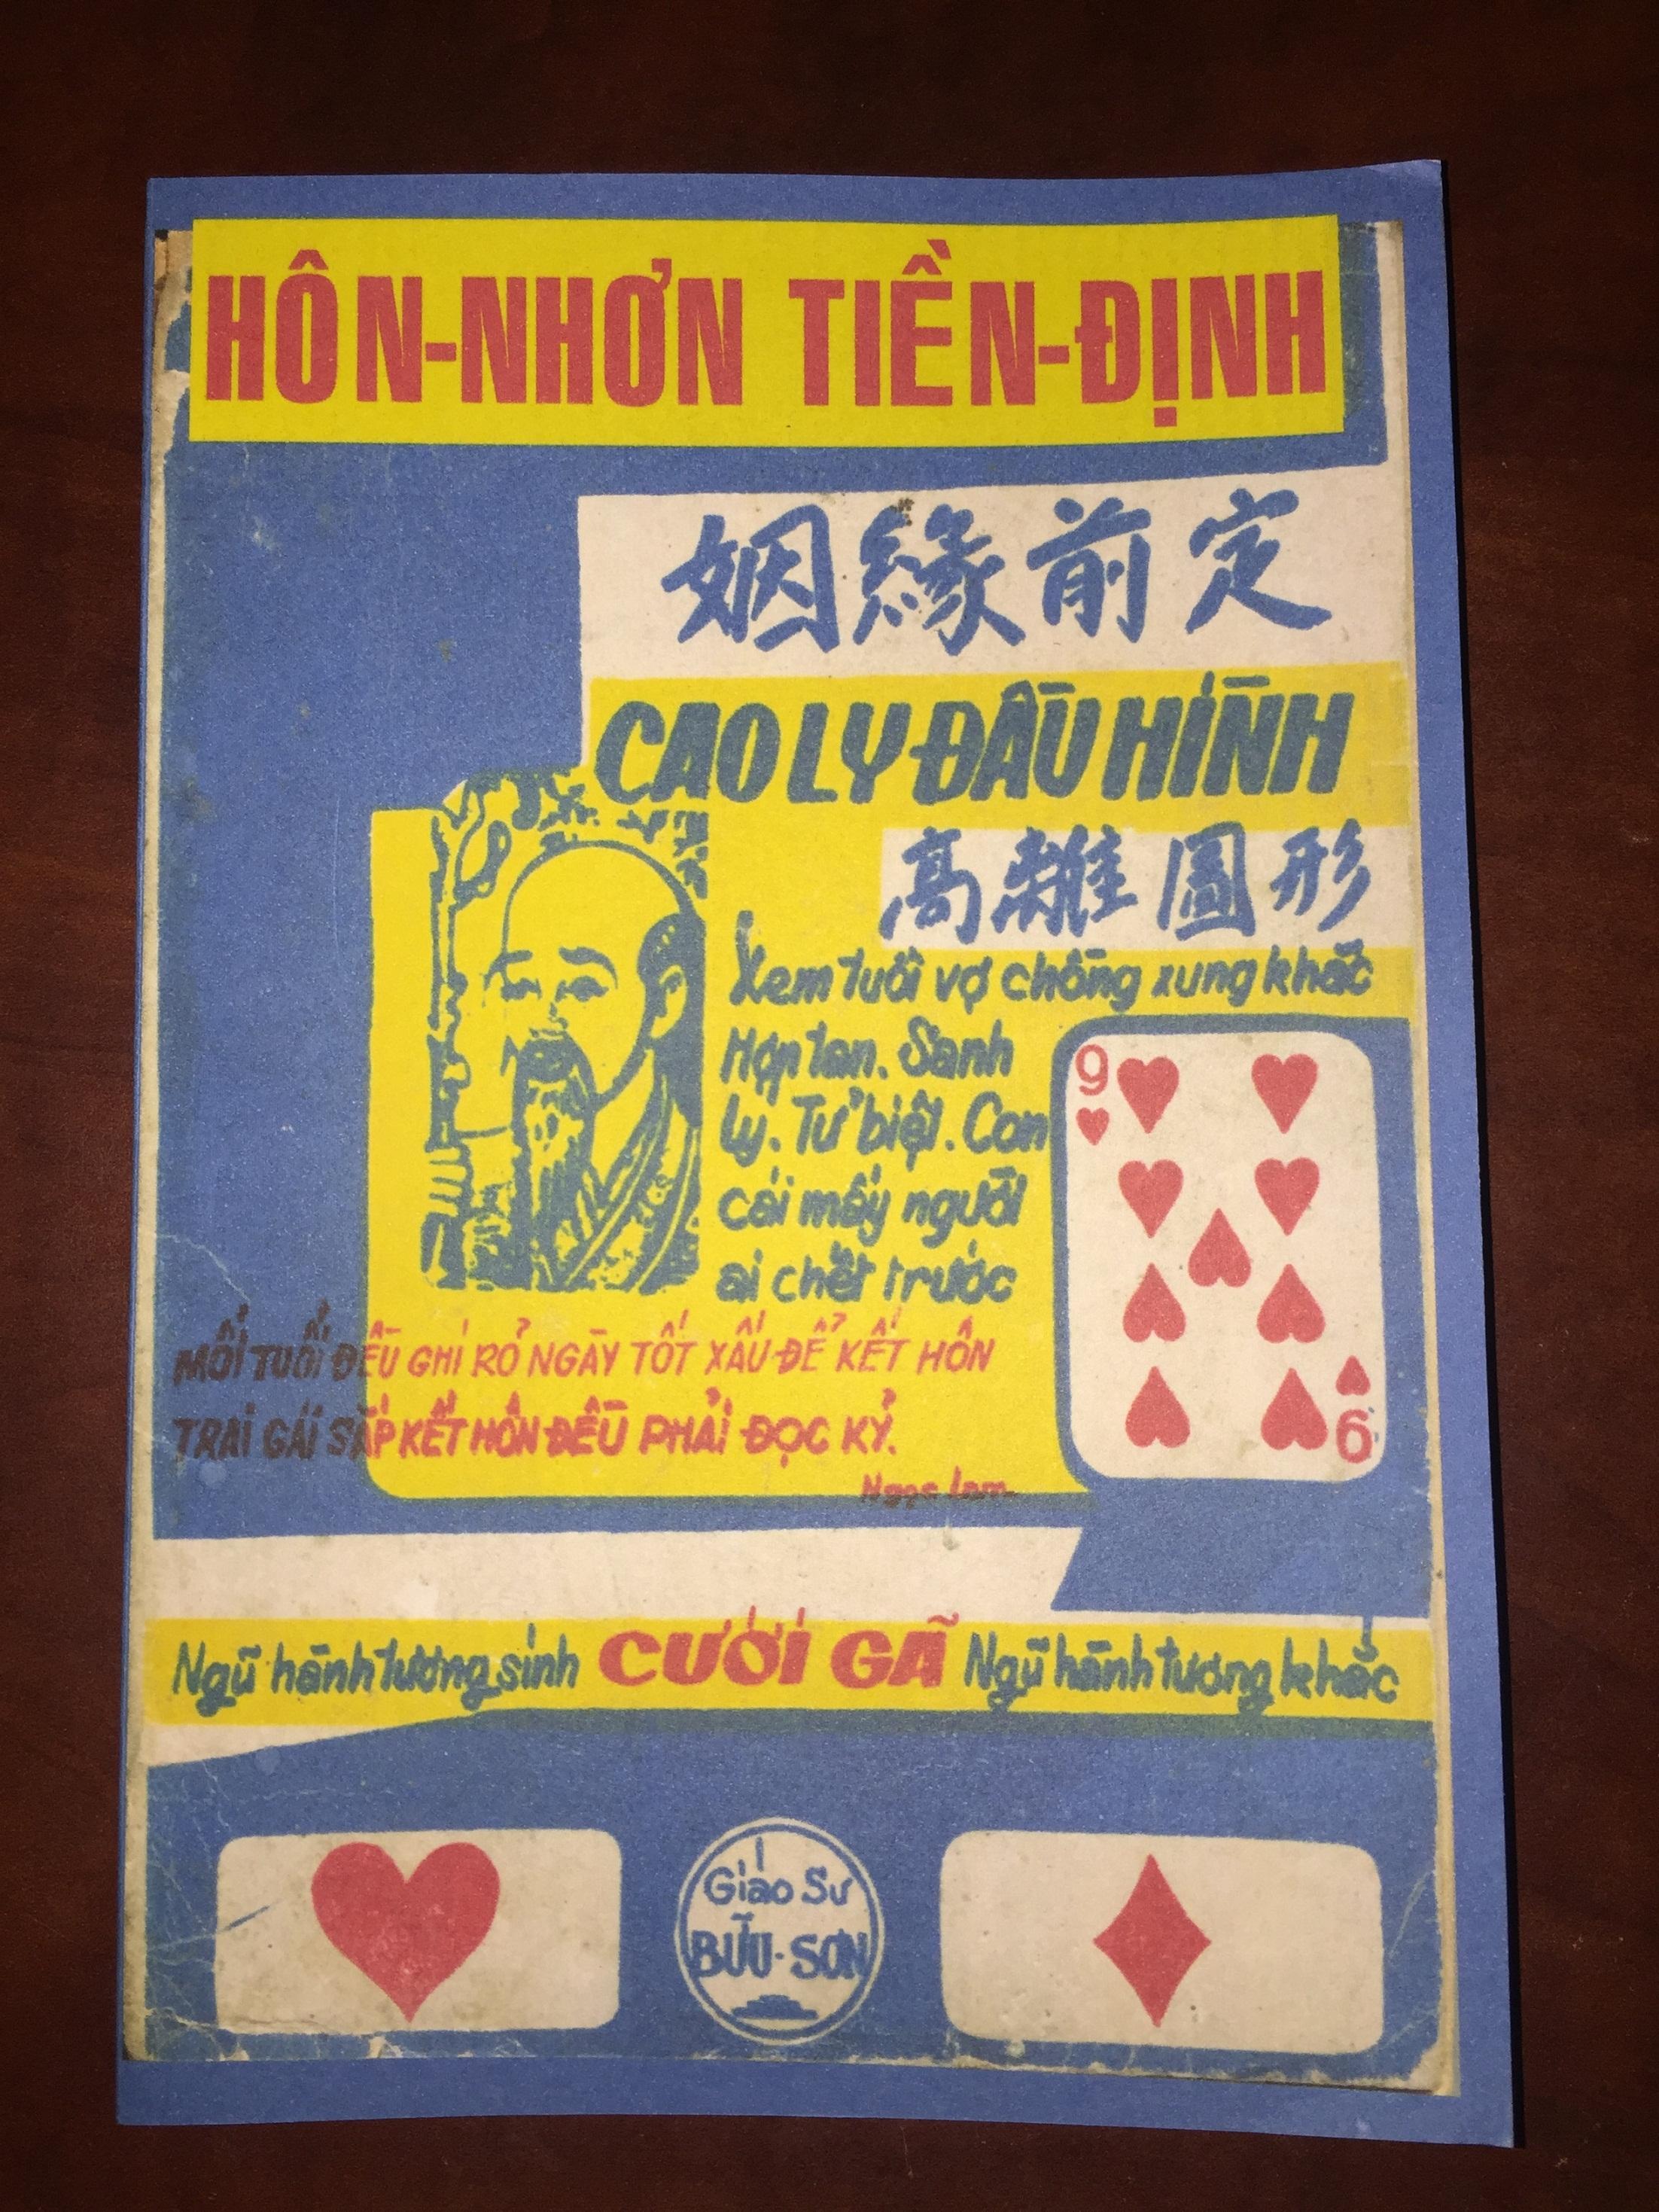 Coupon Khuyến Mãi Hôn Nhơn Tiền Định (Cao Ly Đầu Hình) - Giáo Sư Bửu Sơn